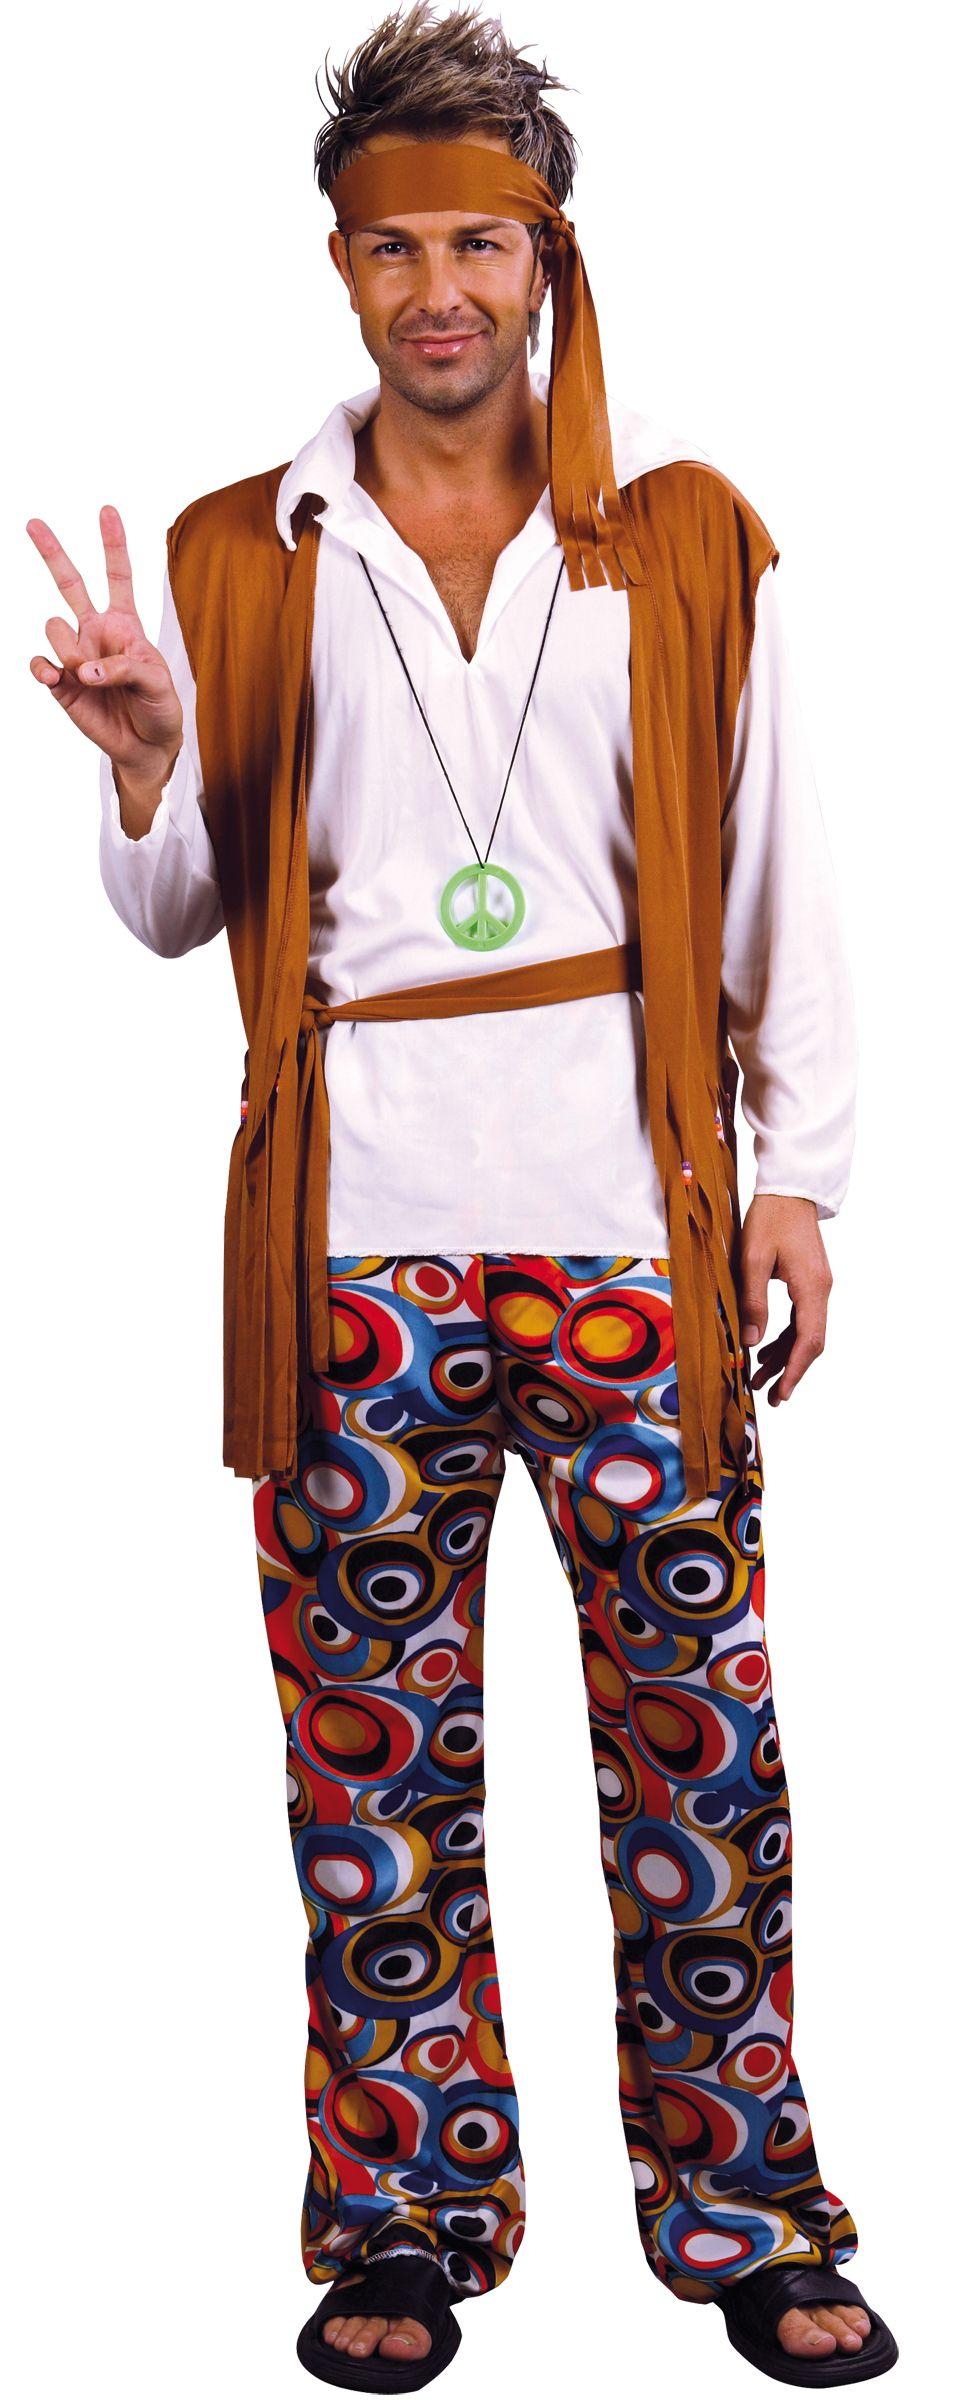 hippie kost m f r herren dieses hippie kost m f r herren besteht aus einem hemd mit einer weste. Black Bedroom Furniture Sets. Home Design Ideas